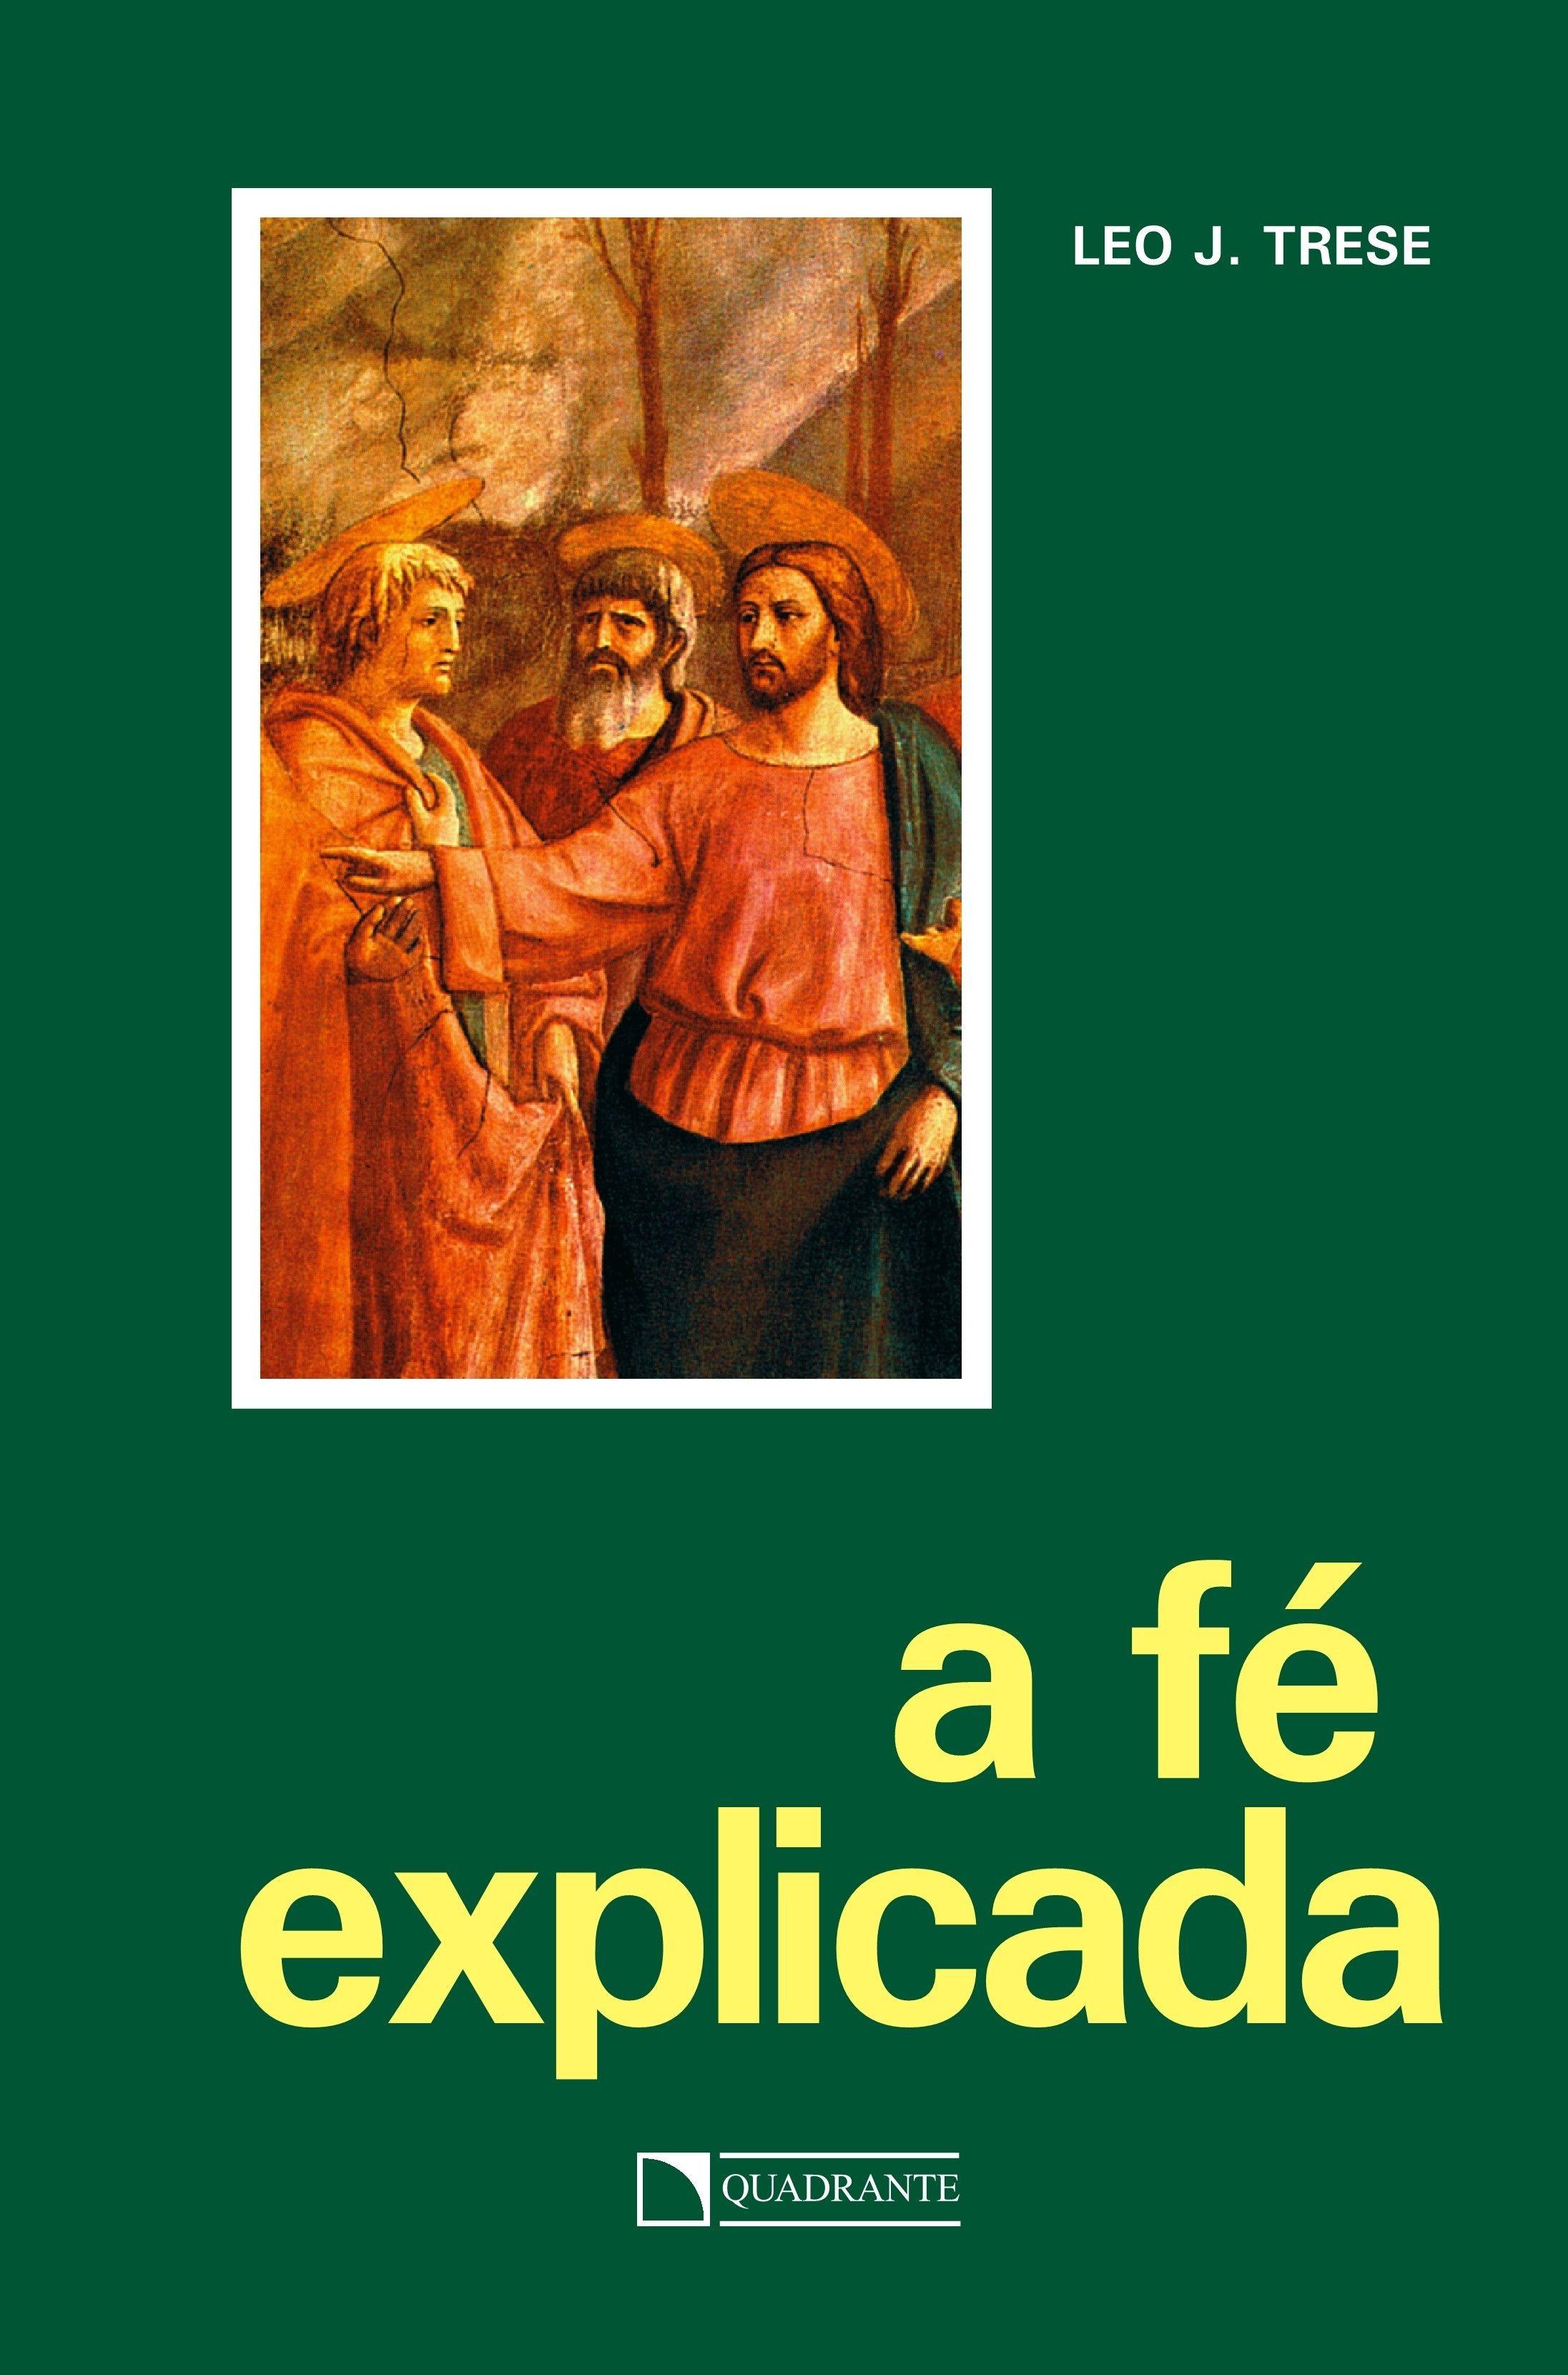 A fé explicada